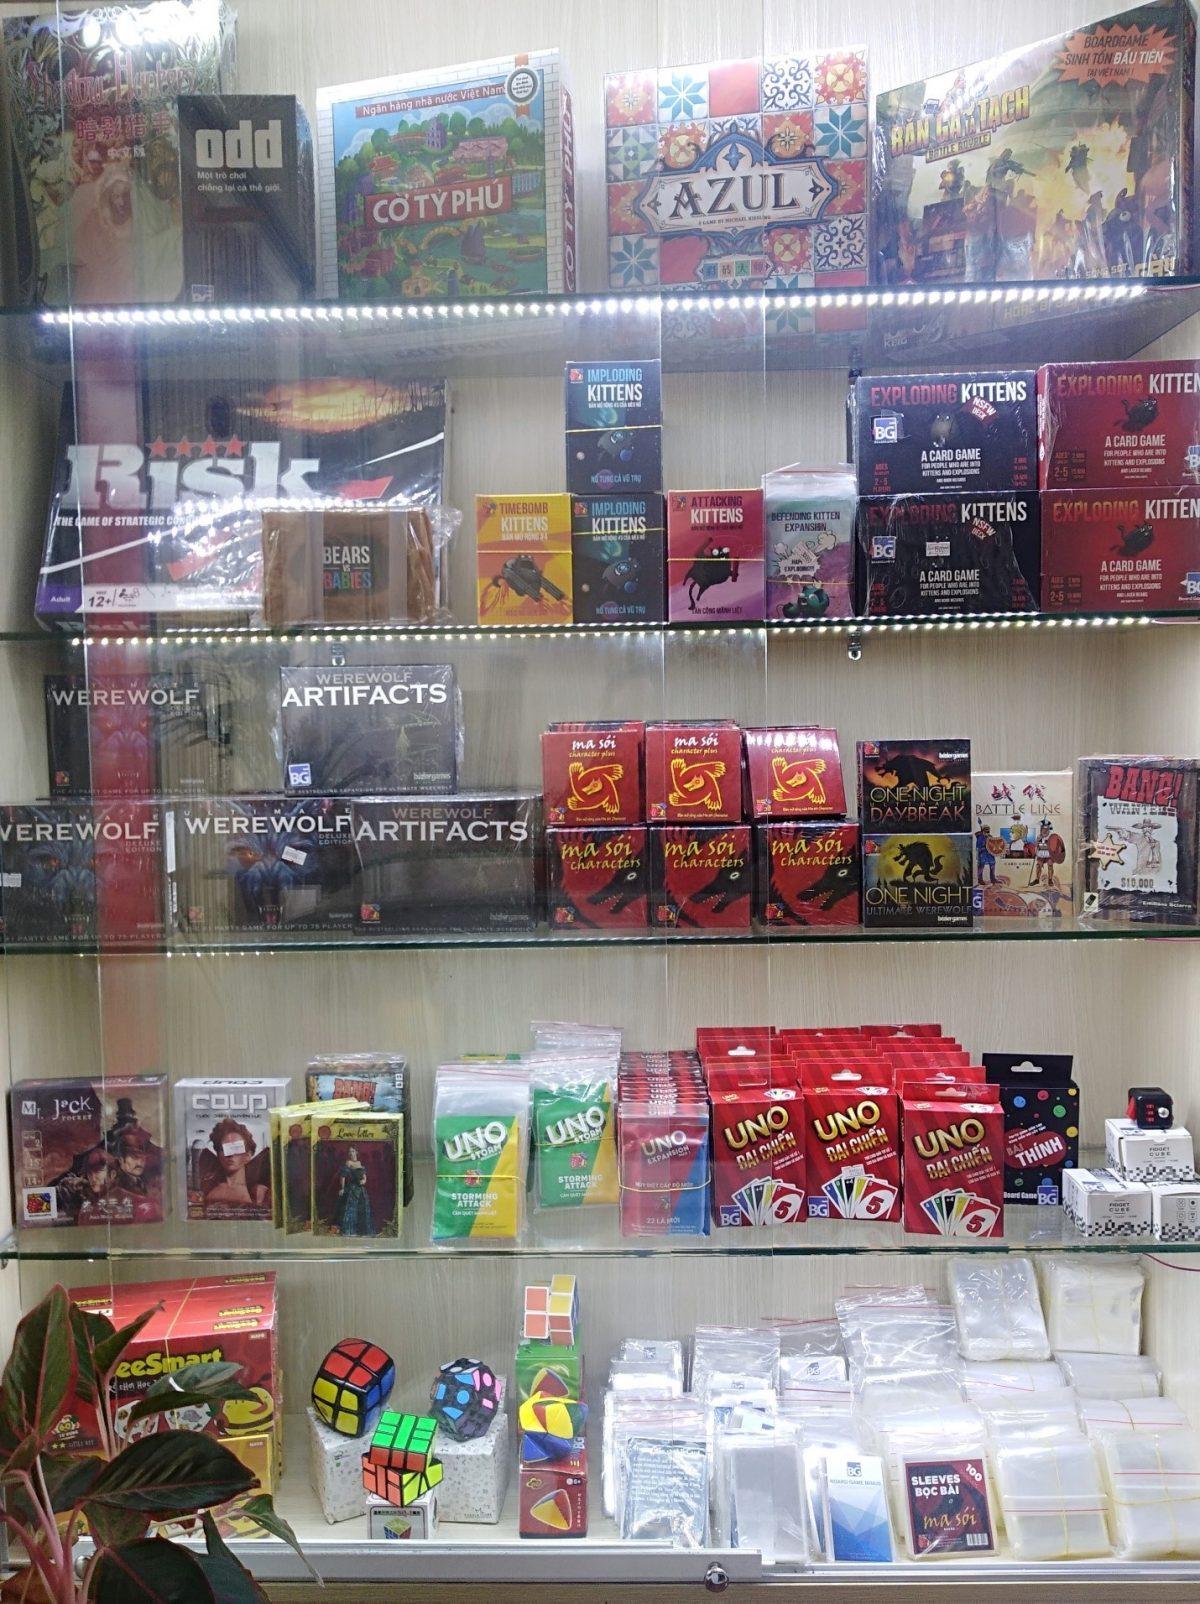 Game bán cũng khá đầy đủ, hầu hết các game cơ bản.